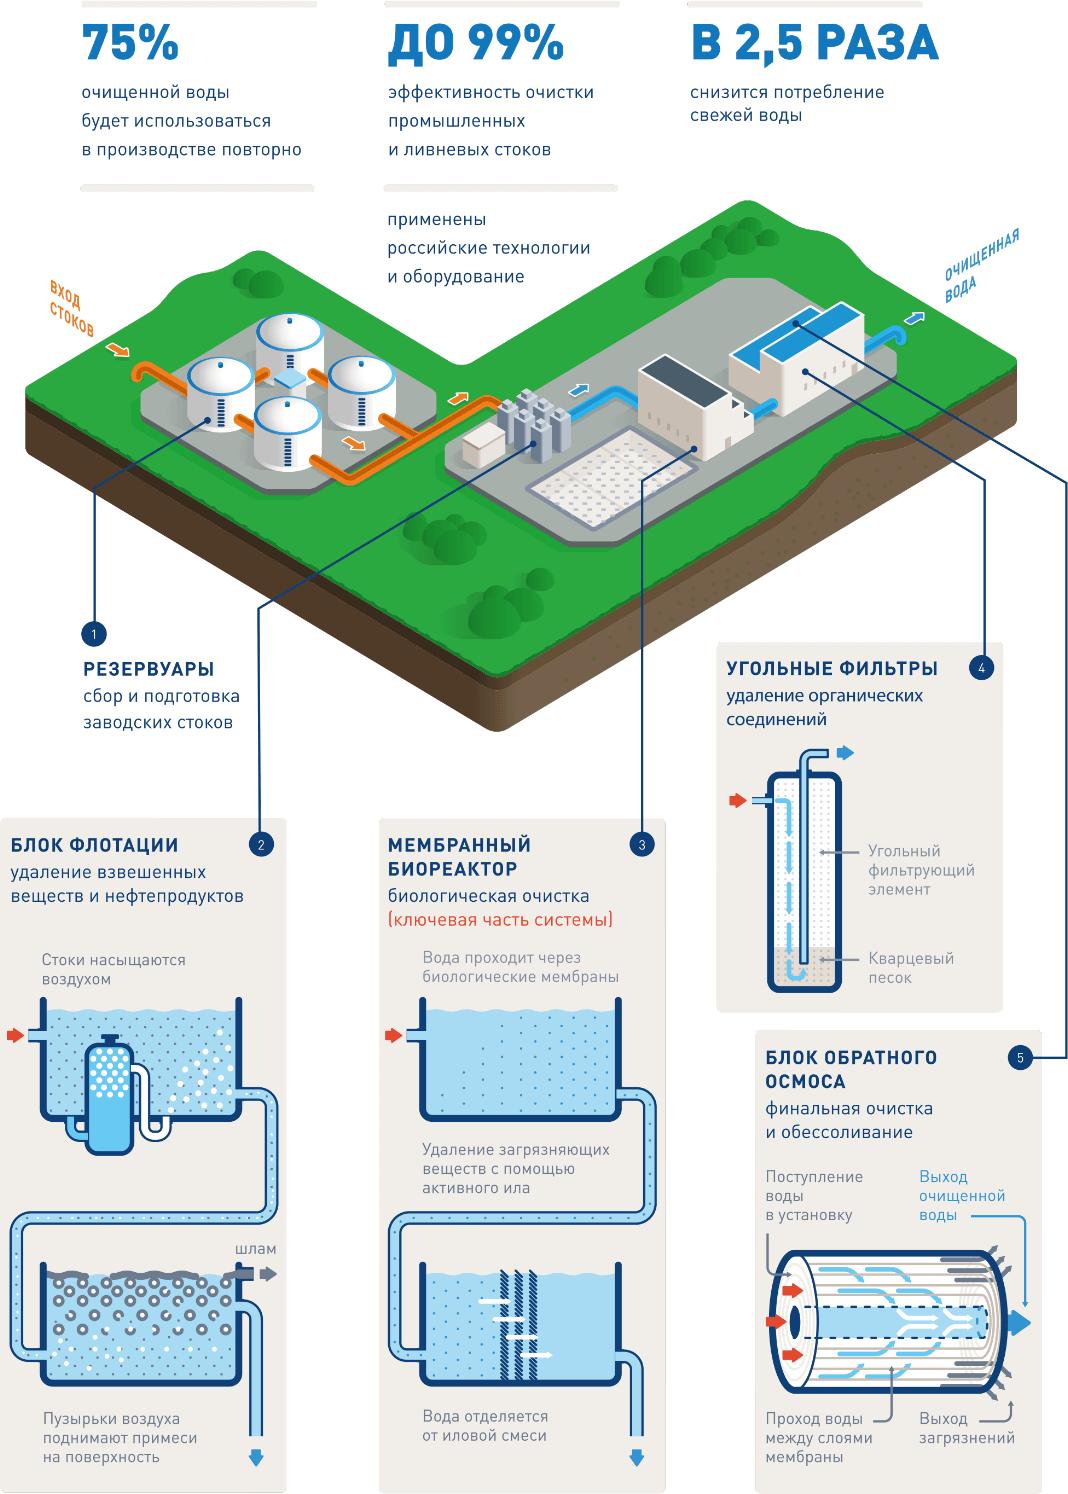 solutionsss 1 2 Очистные сооружения для литейного завода